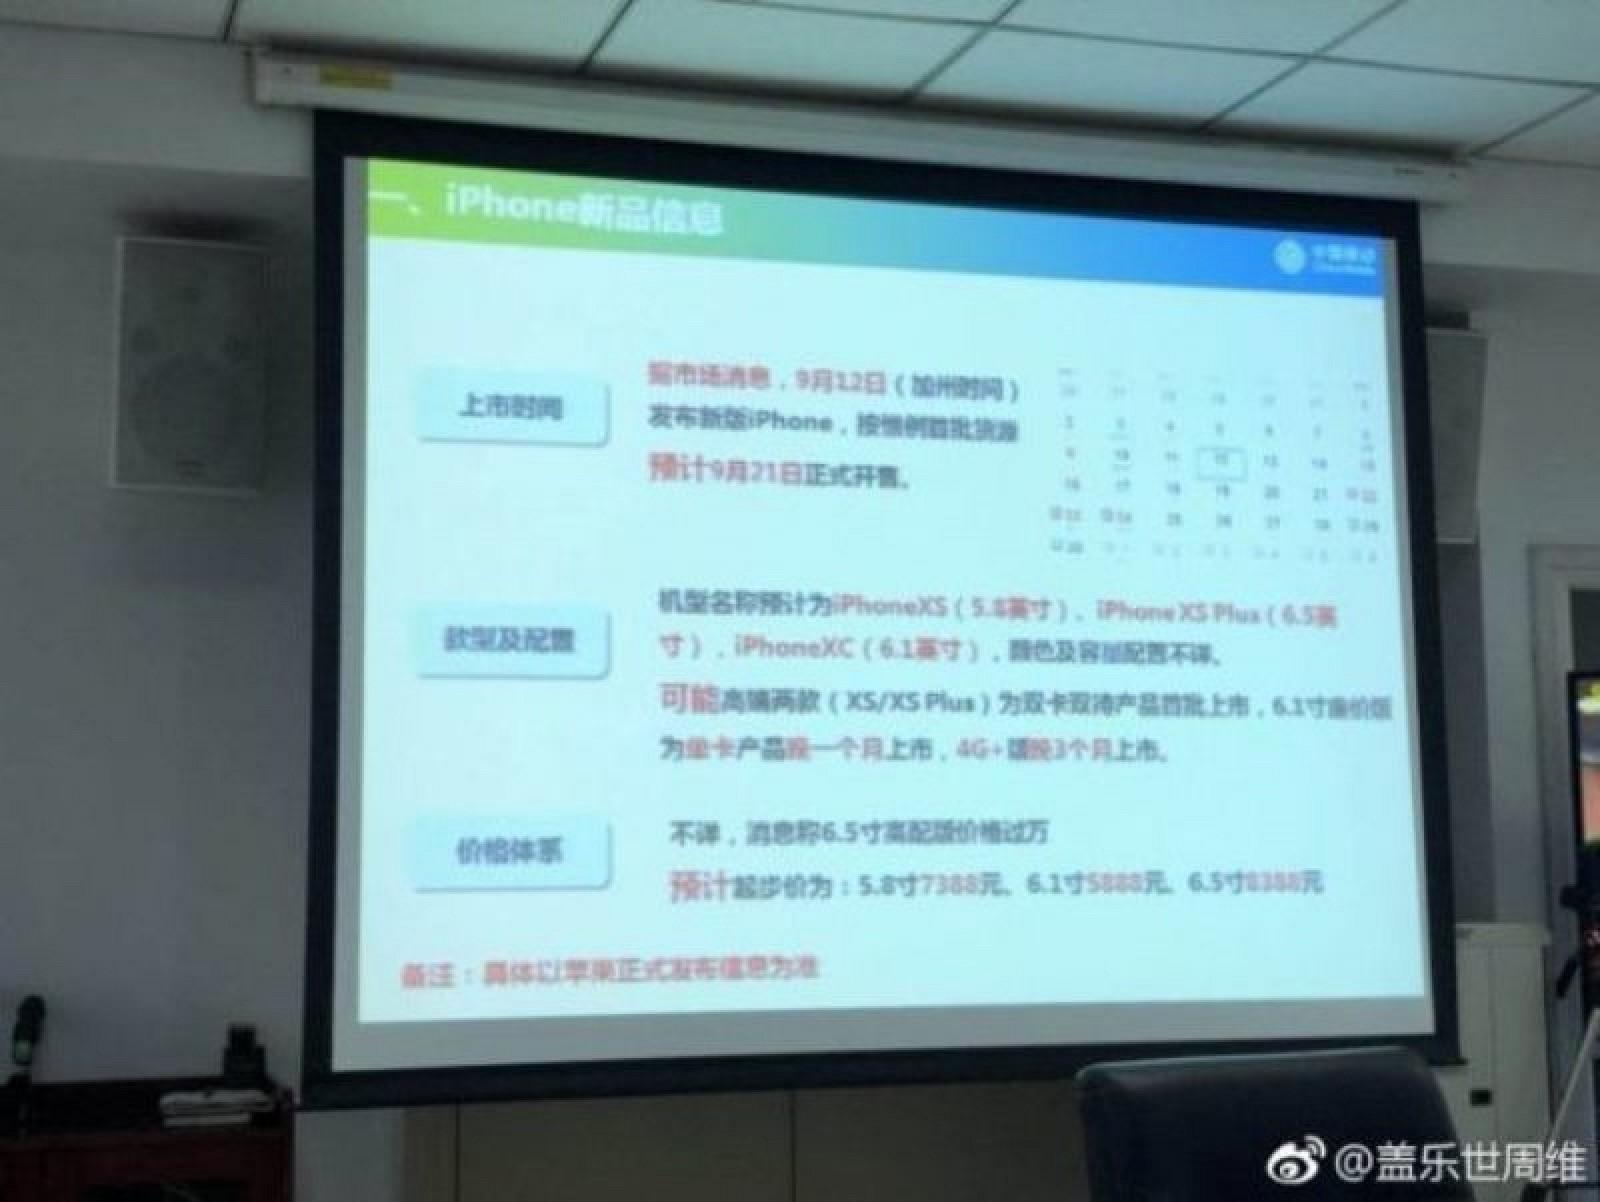 Nuevos modelos de iPhone mencionados en una presentación interna de China Mobile